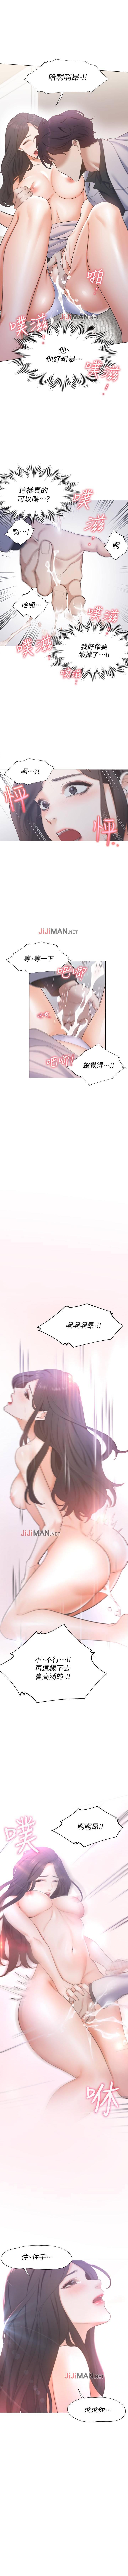 【周五连载】渴望:爱火难耐(作者:Appeal&格子17) 第1~24话 45